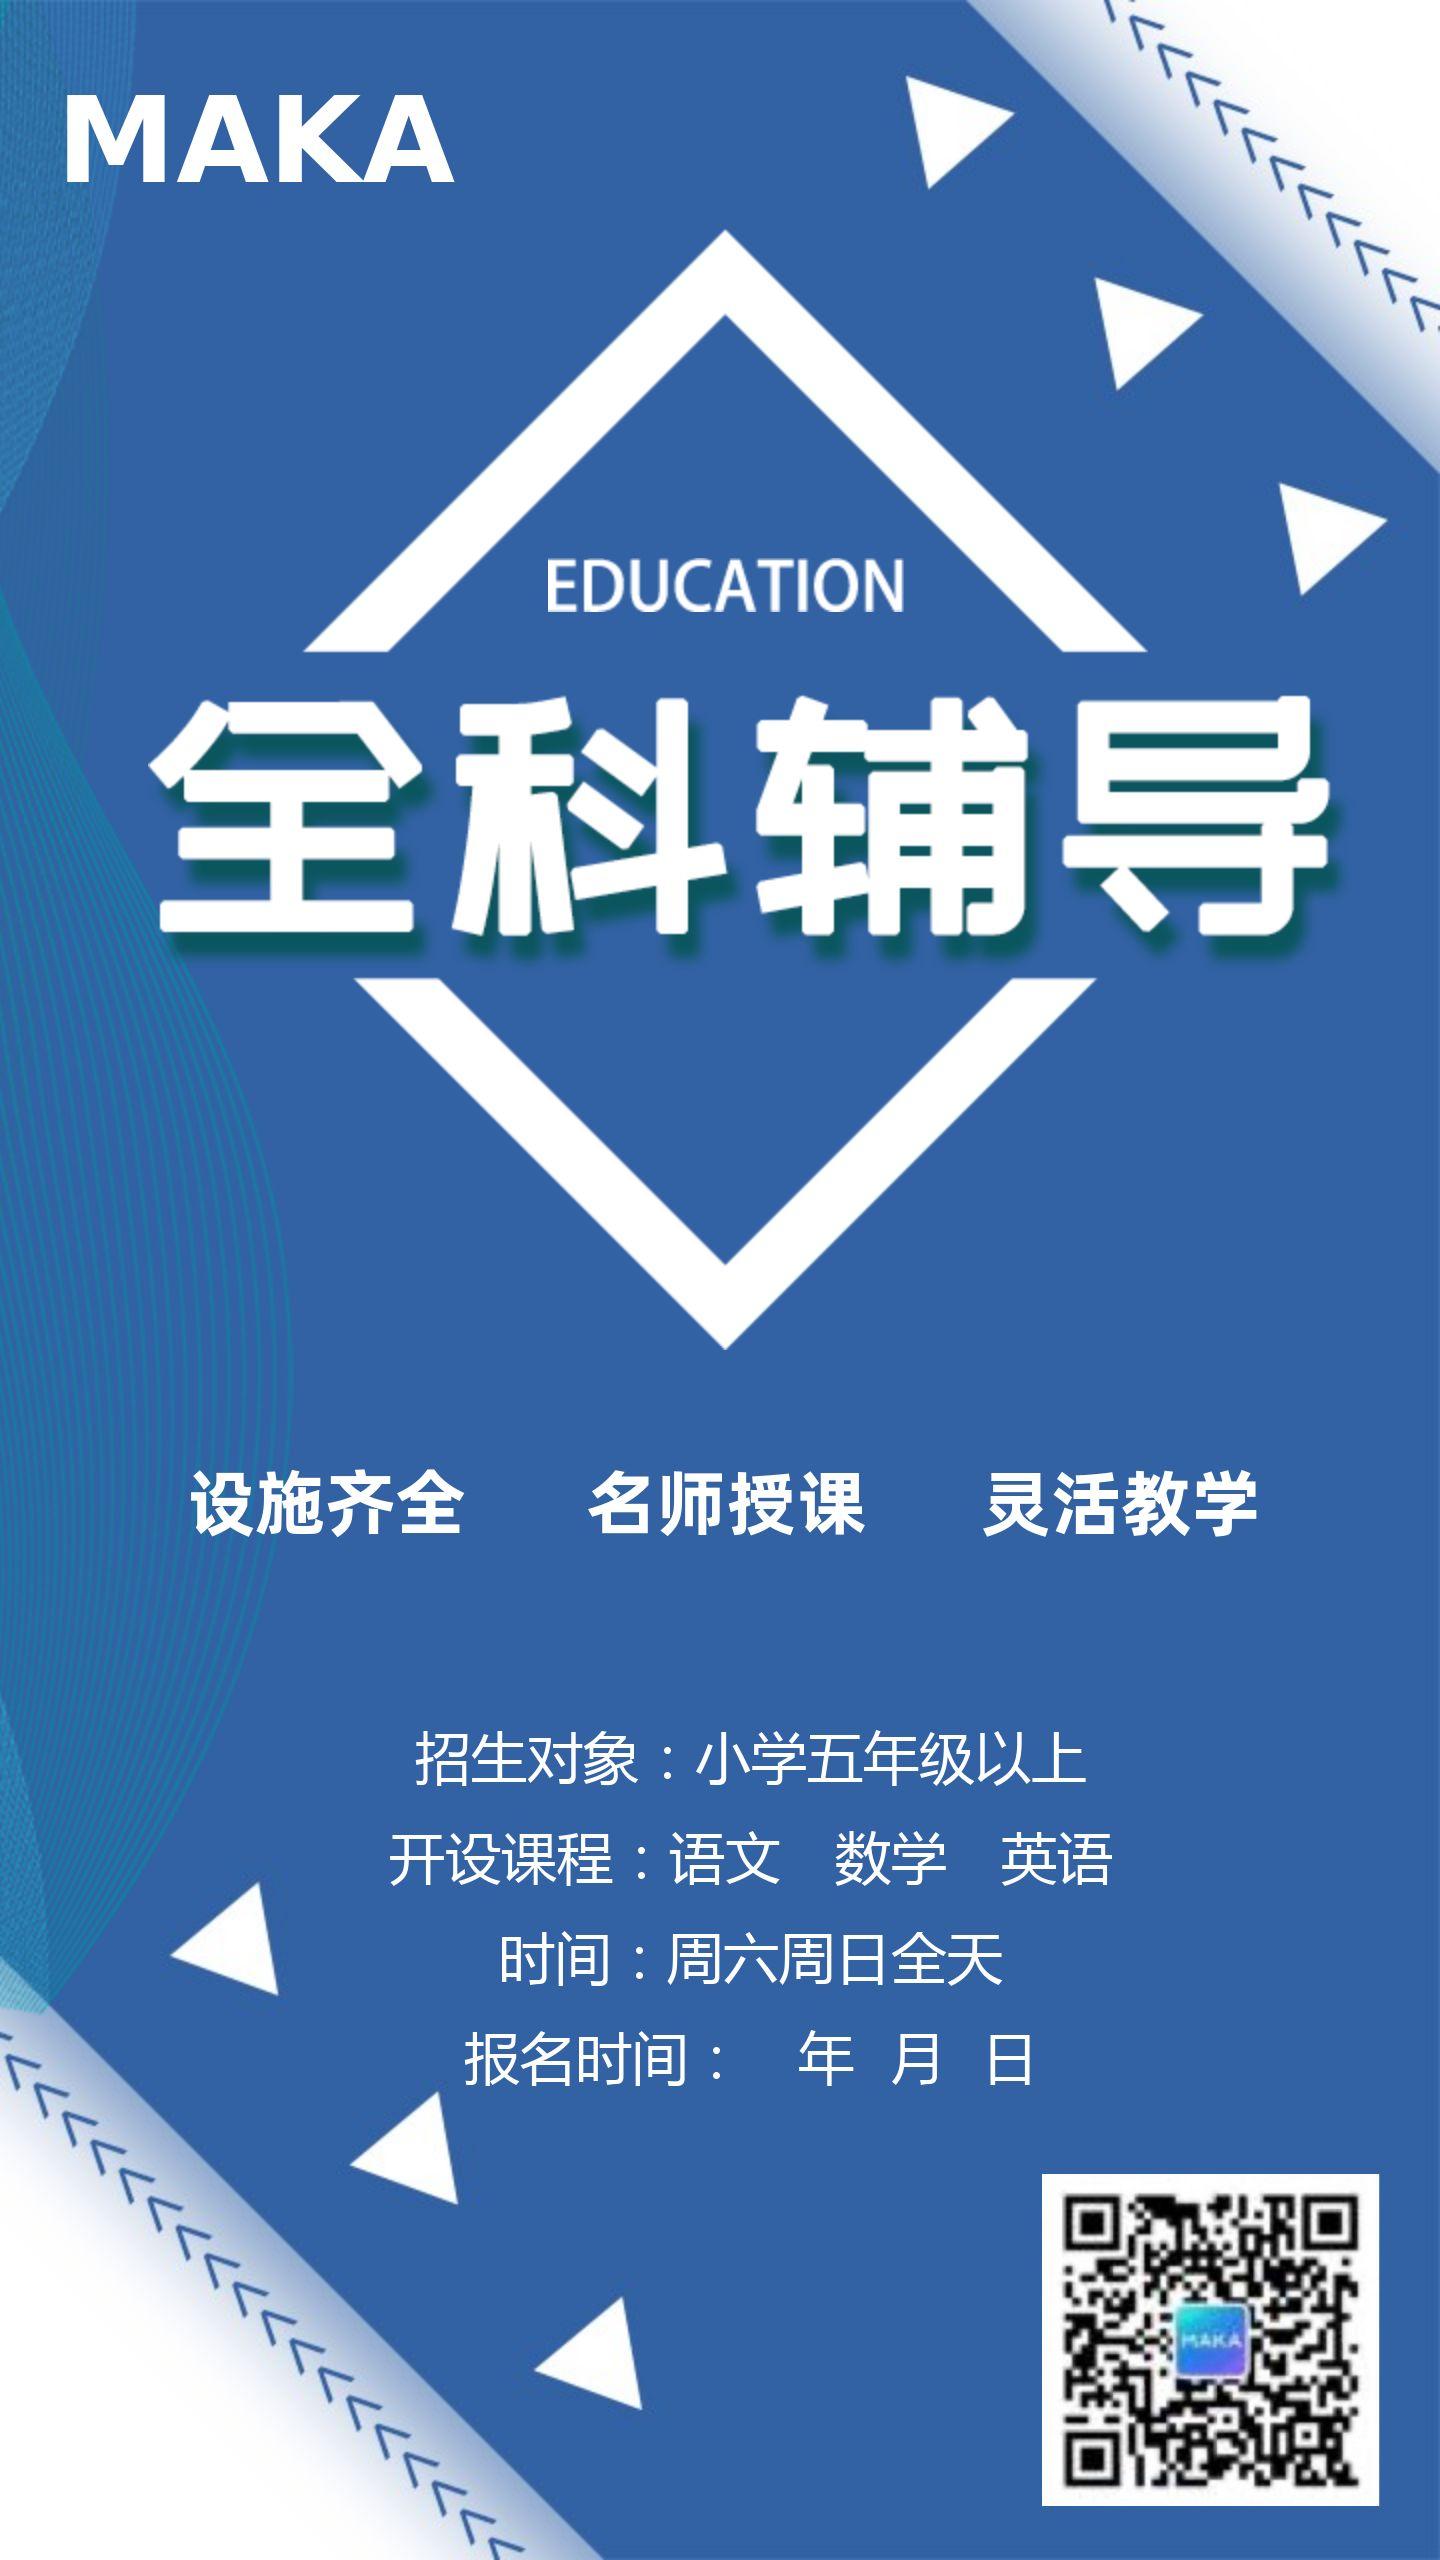 蓝色简约全科辅导教育培训机构手机招生海报